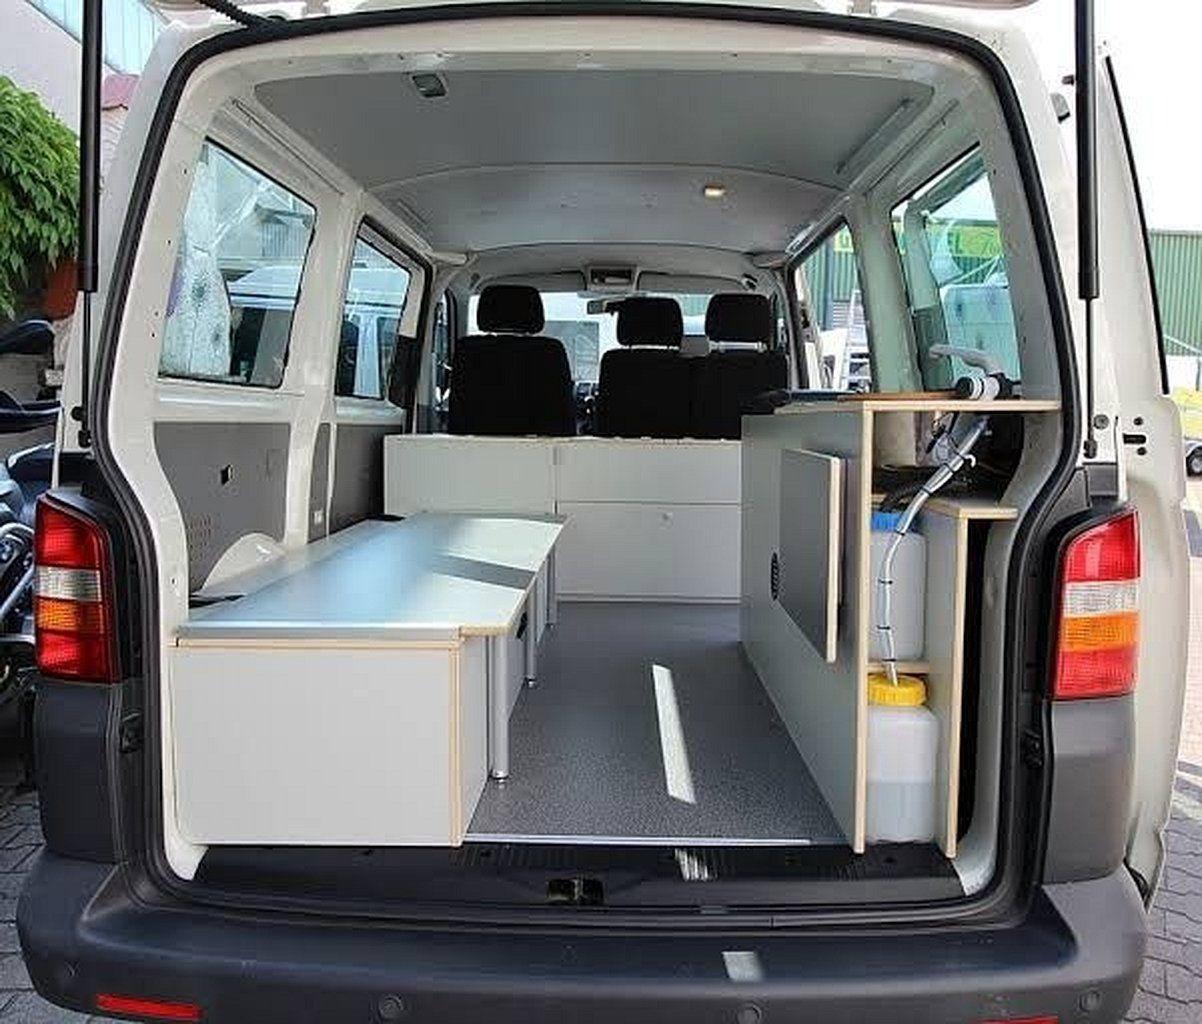 VW Transporter Camper Conversion https://www.mobmasker.com/vw